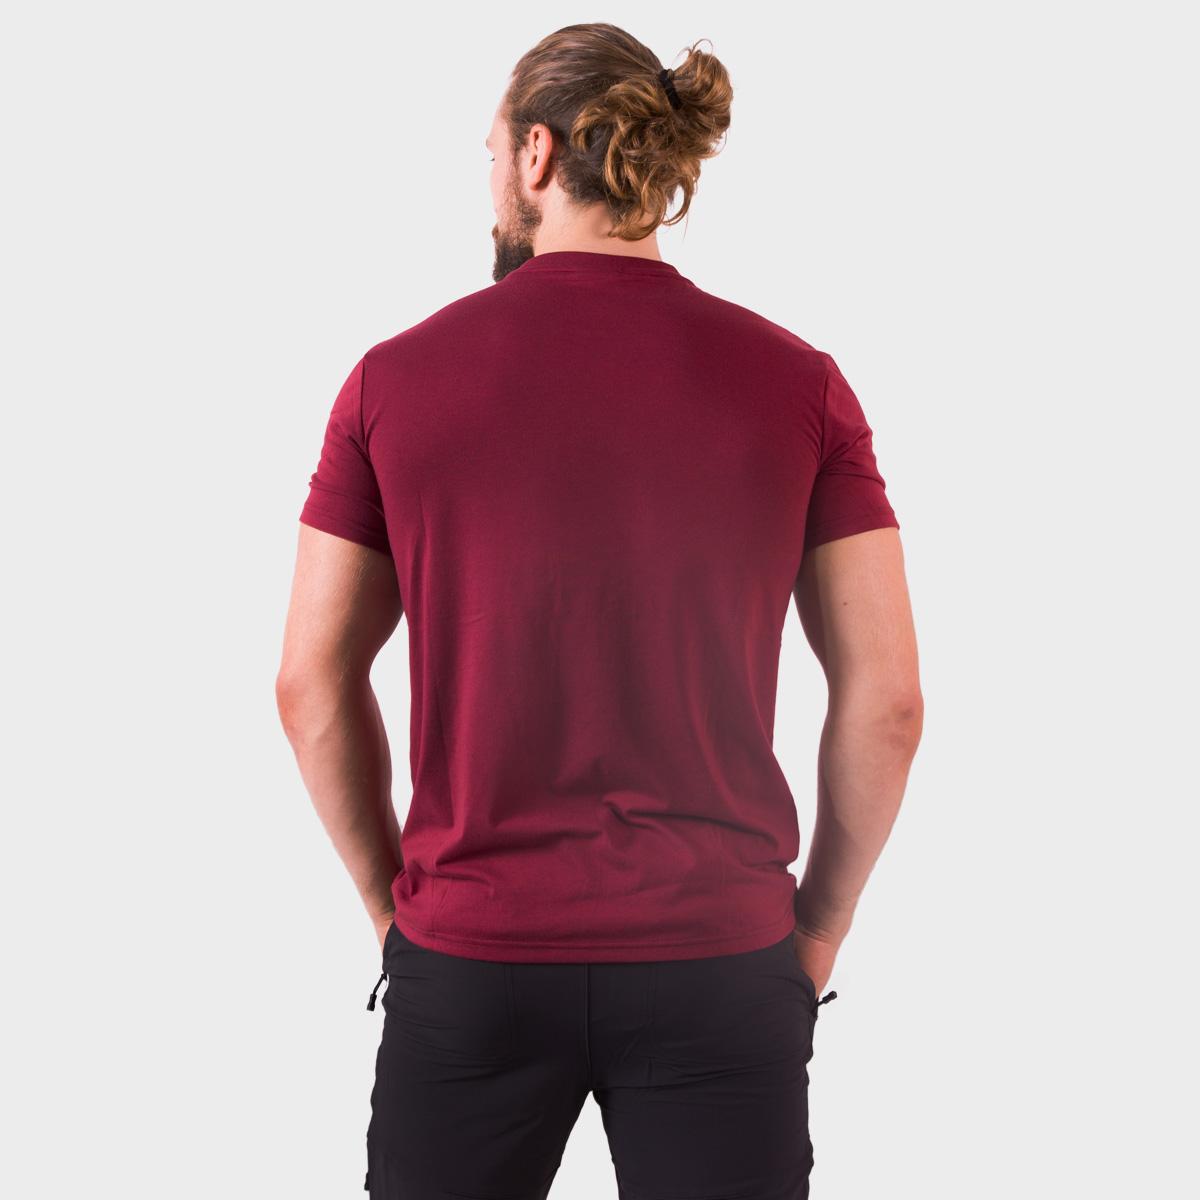 MAN'S KANSAS T-SHIRT RED